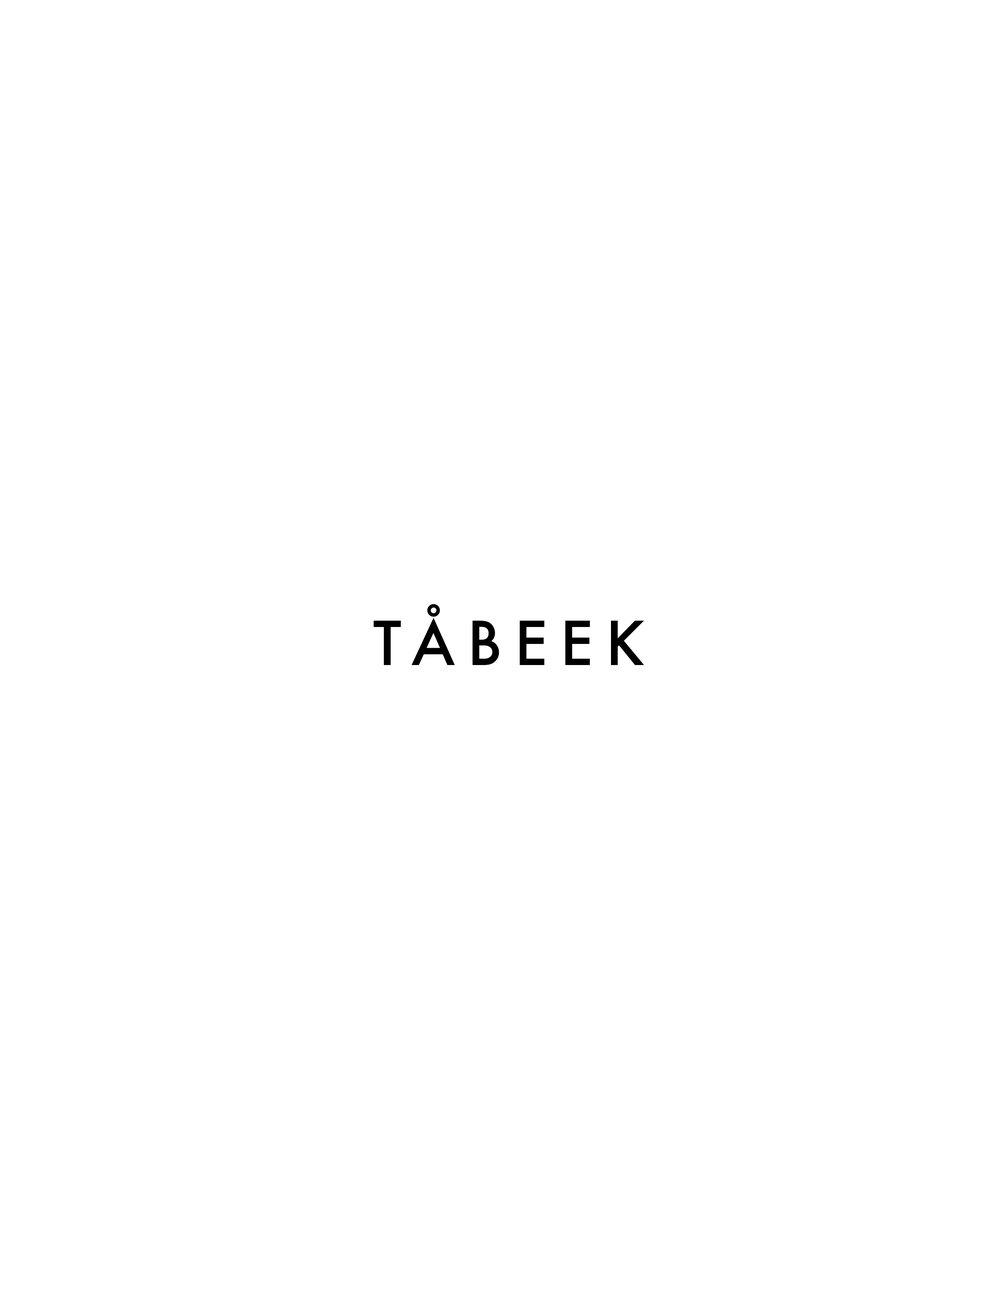 tabeek.jpg